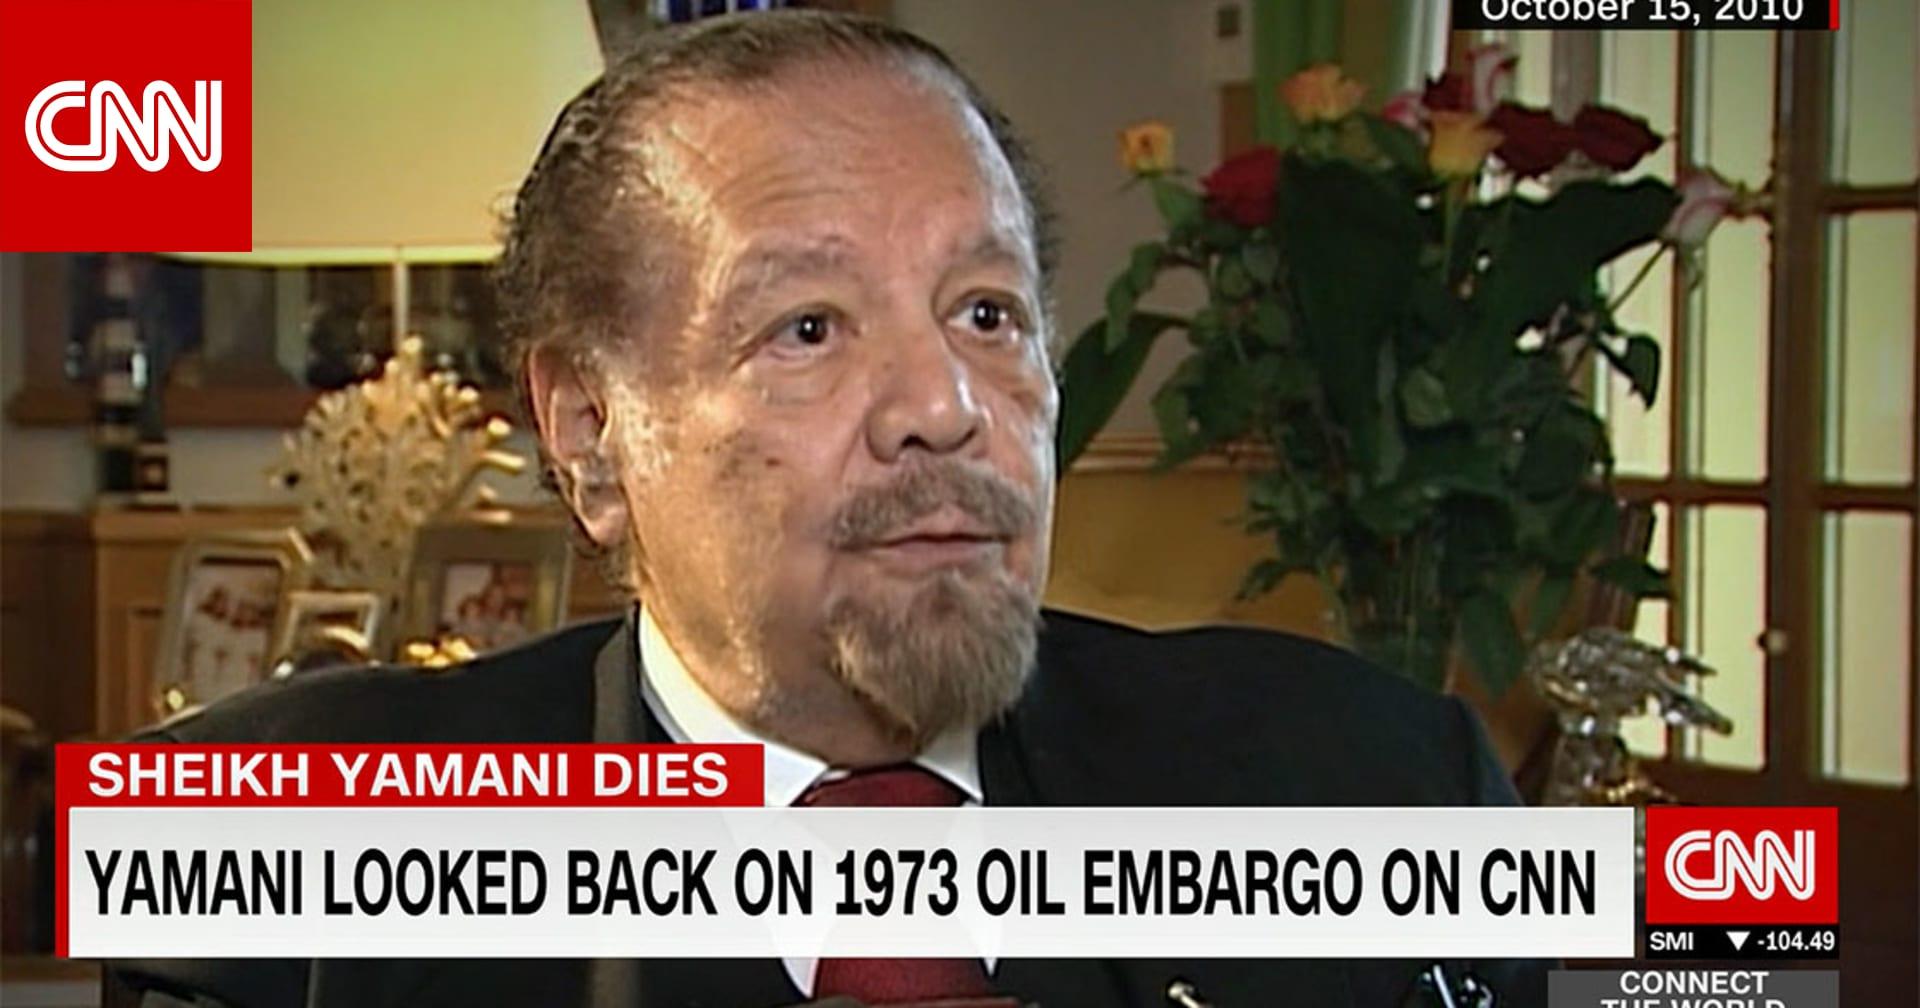 """بعد وفاته.. إليكم ما قاله السعودي أحمد يماني """"المسؤول"""" عن صدمة أسعار النفط 1973 لـCNN بـ2010"""